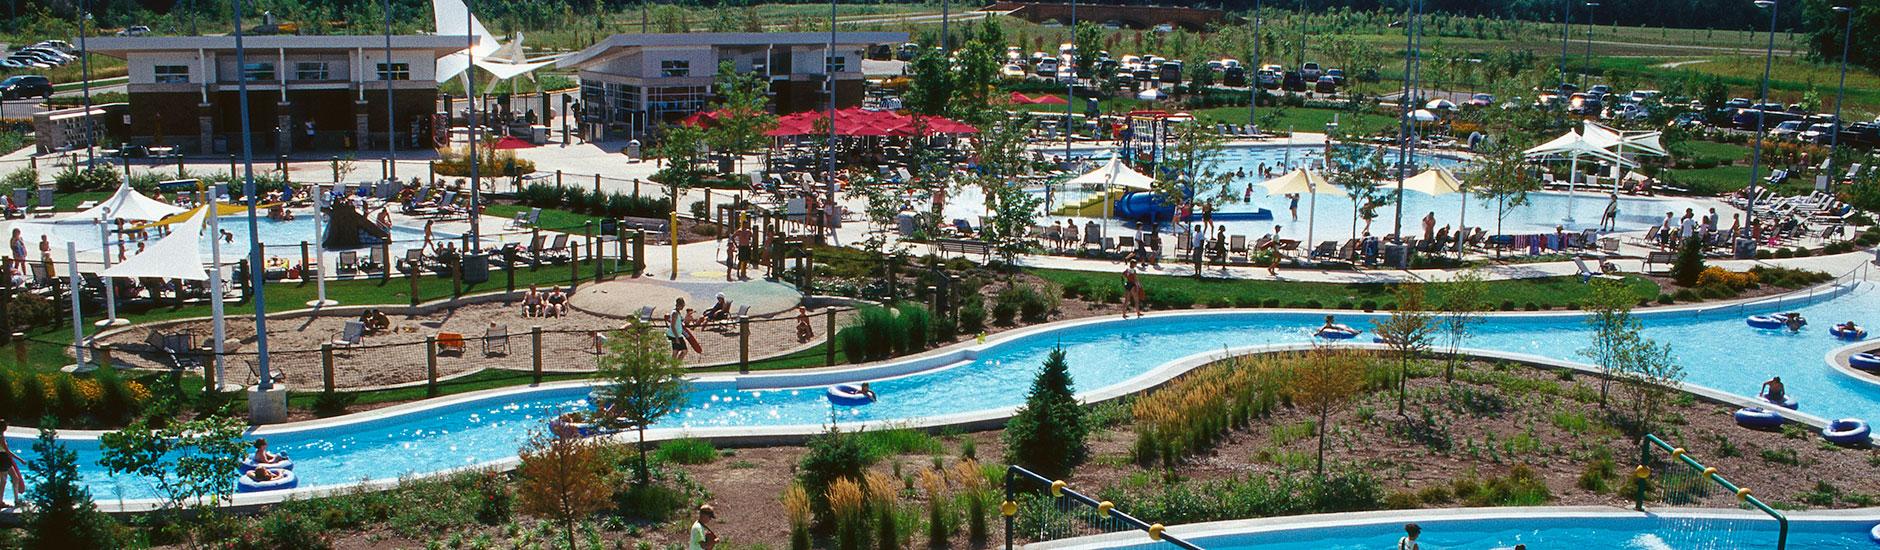 Aquatic-Architecture-Carmel-Clay-PR-Monon-Center